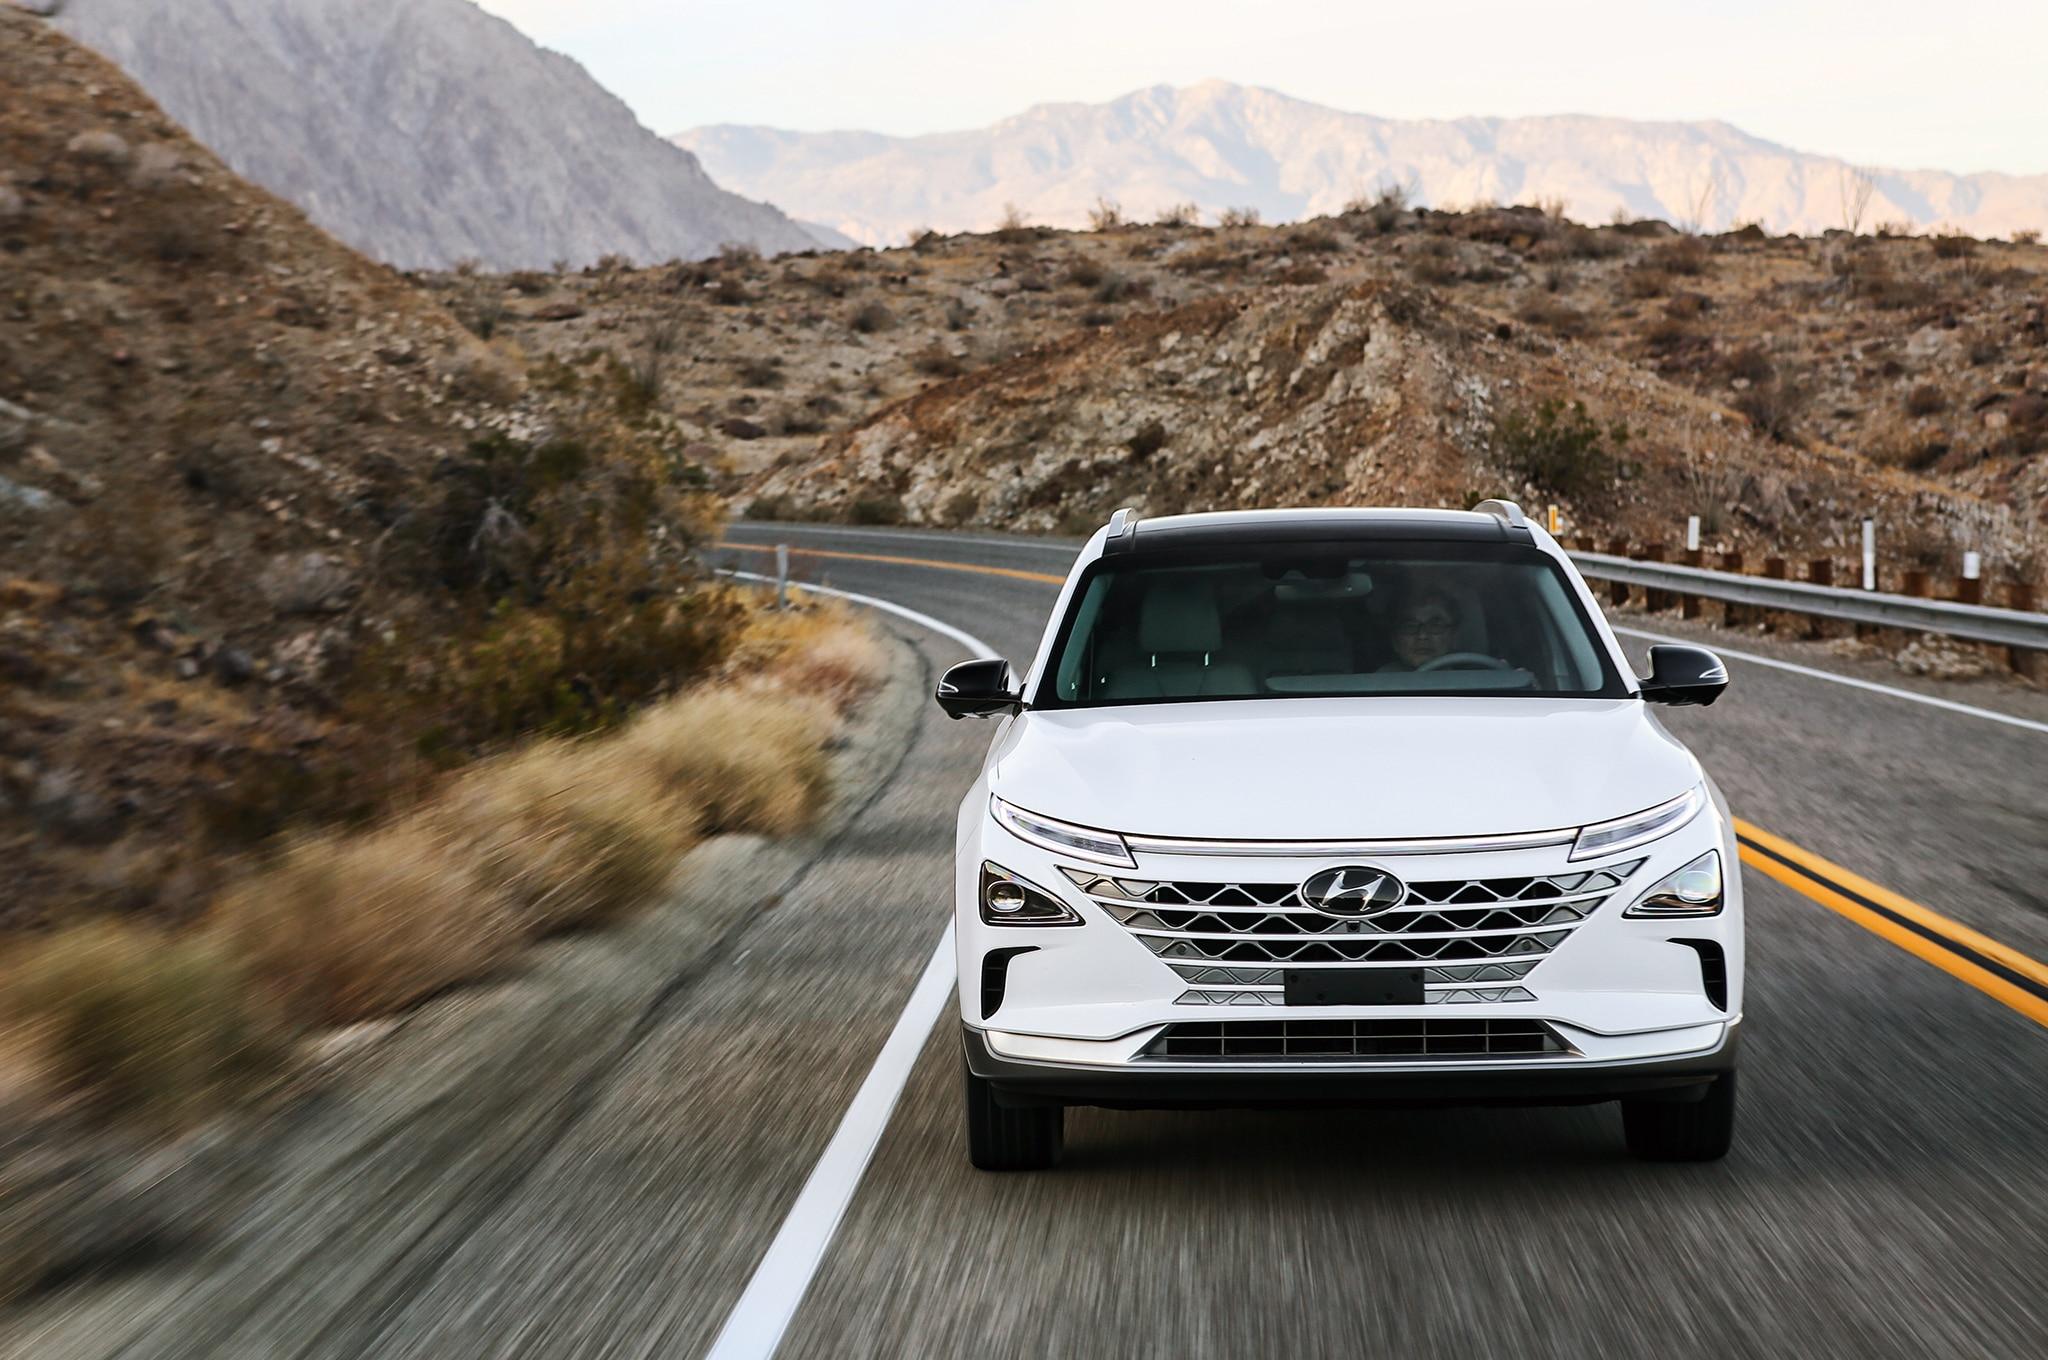 2019-Hyundai-Nexo-front-in-motion-03.jpg